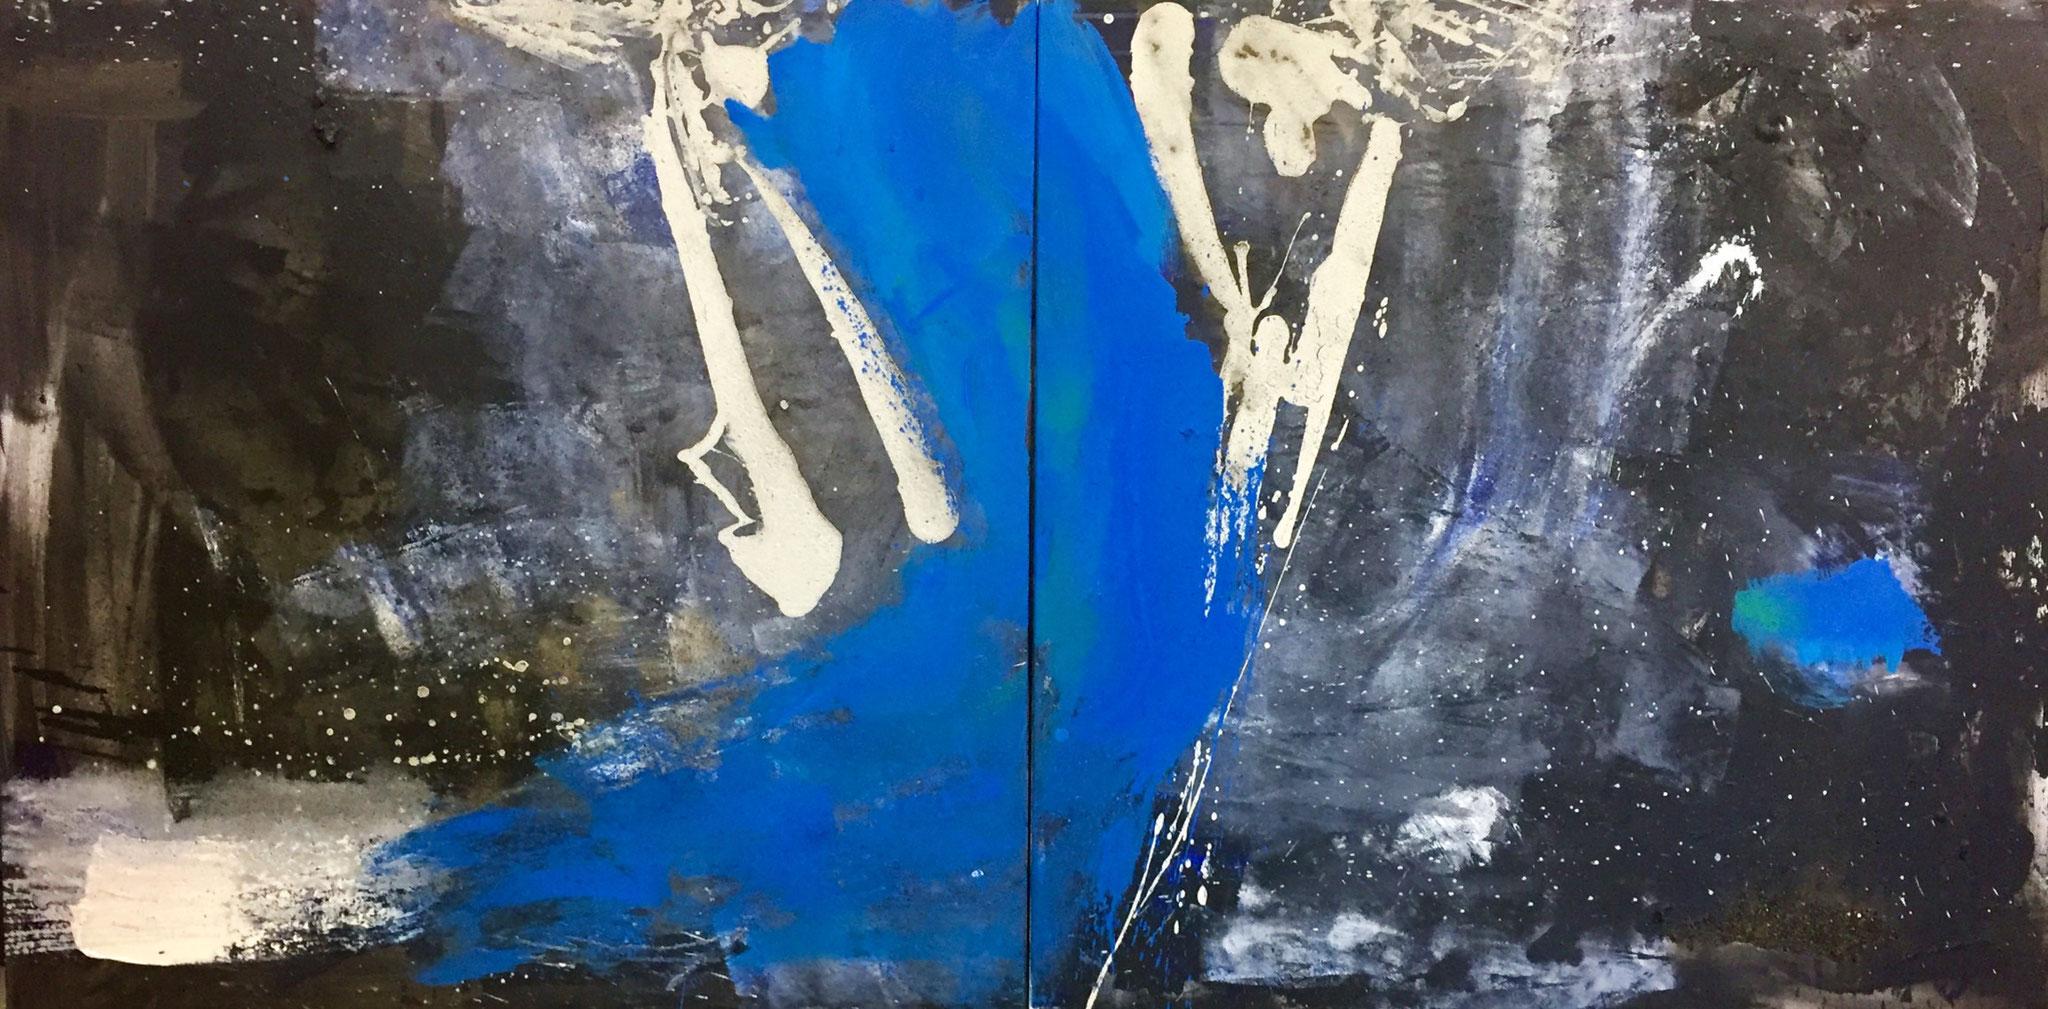 Alles im Fluss, Acryl auf Leinwand, 2x100cmx100cm